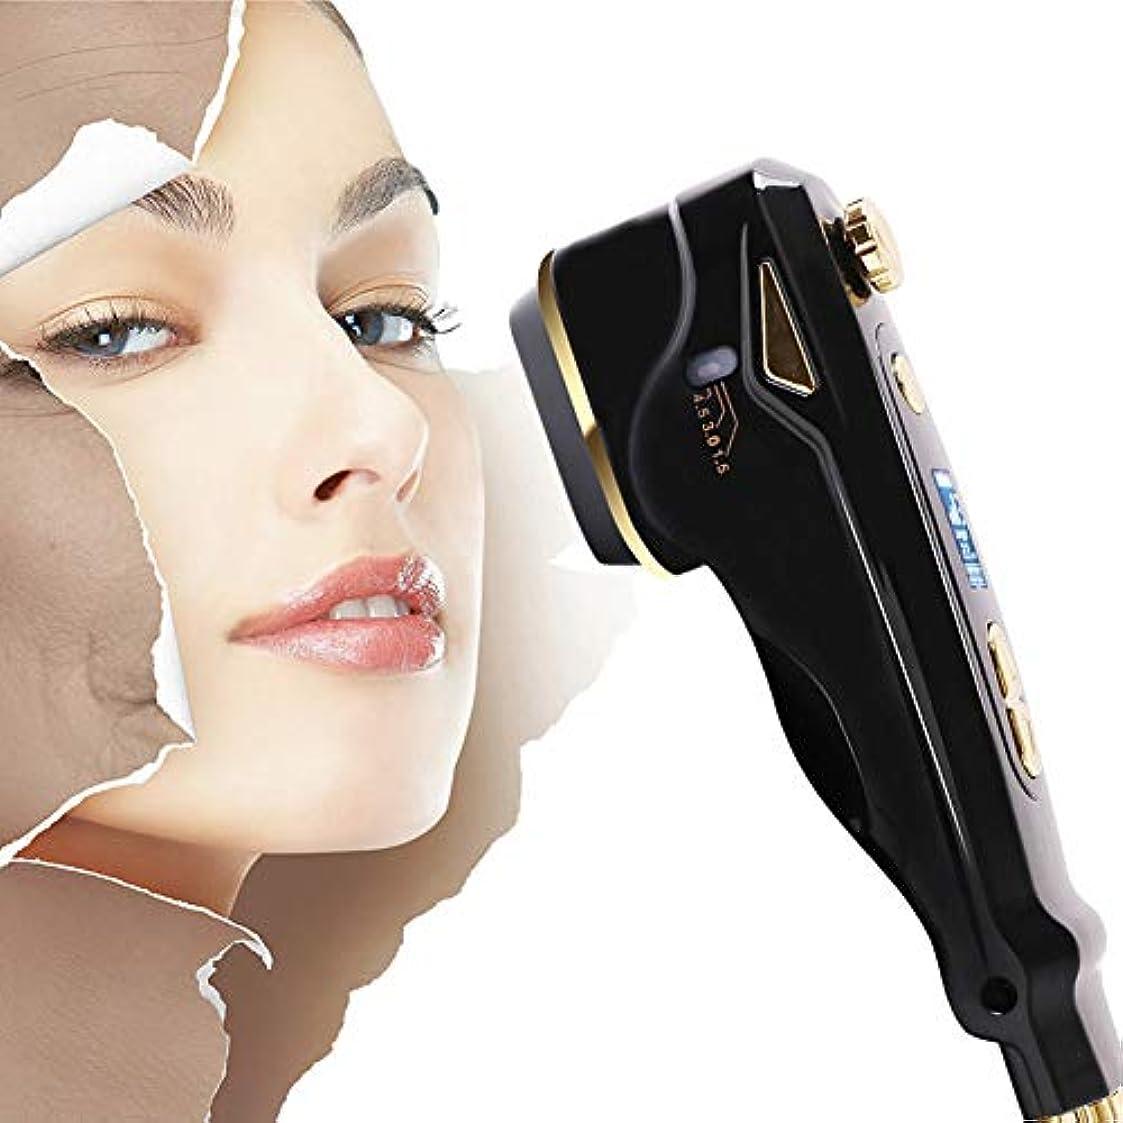 施し日表向きミニ 1の3 HIFU アンチエイジング 改築 デバイス、 世帯 RF フェイシャル 美しさ 機械 へ 家庭での使用 肌の若返り、 首 しわの除去、 ホワイトニング、 肌の引き締め デバイス